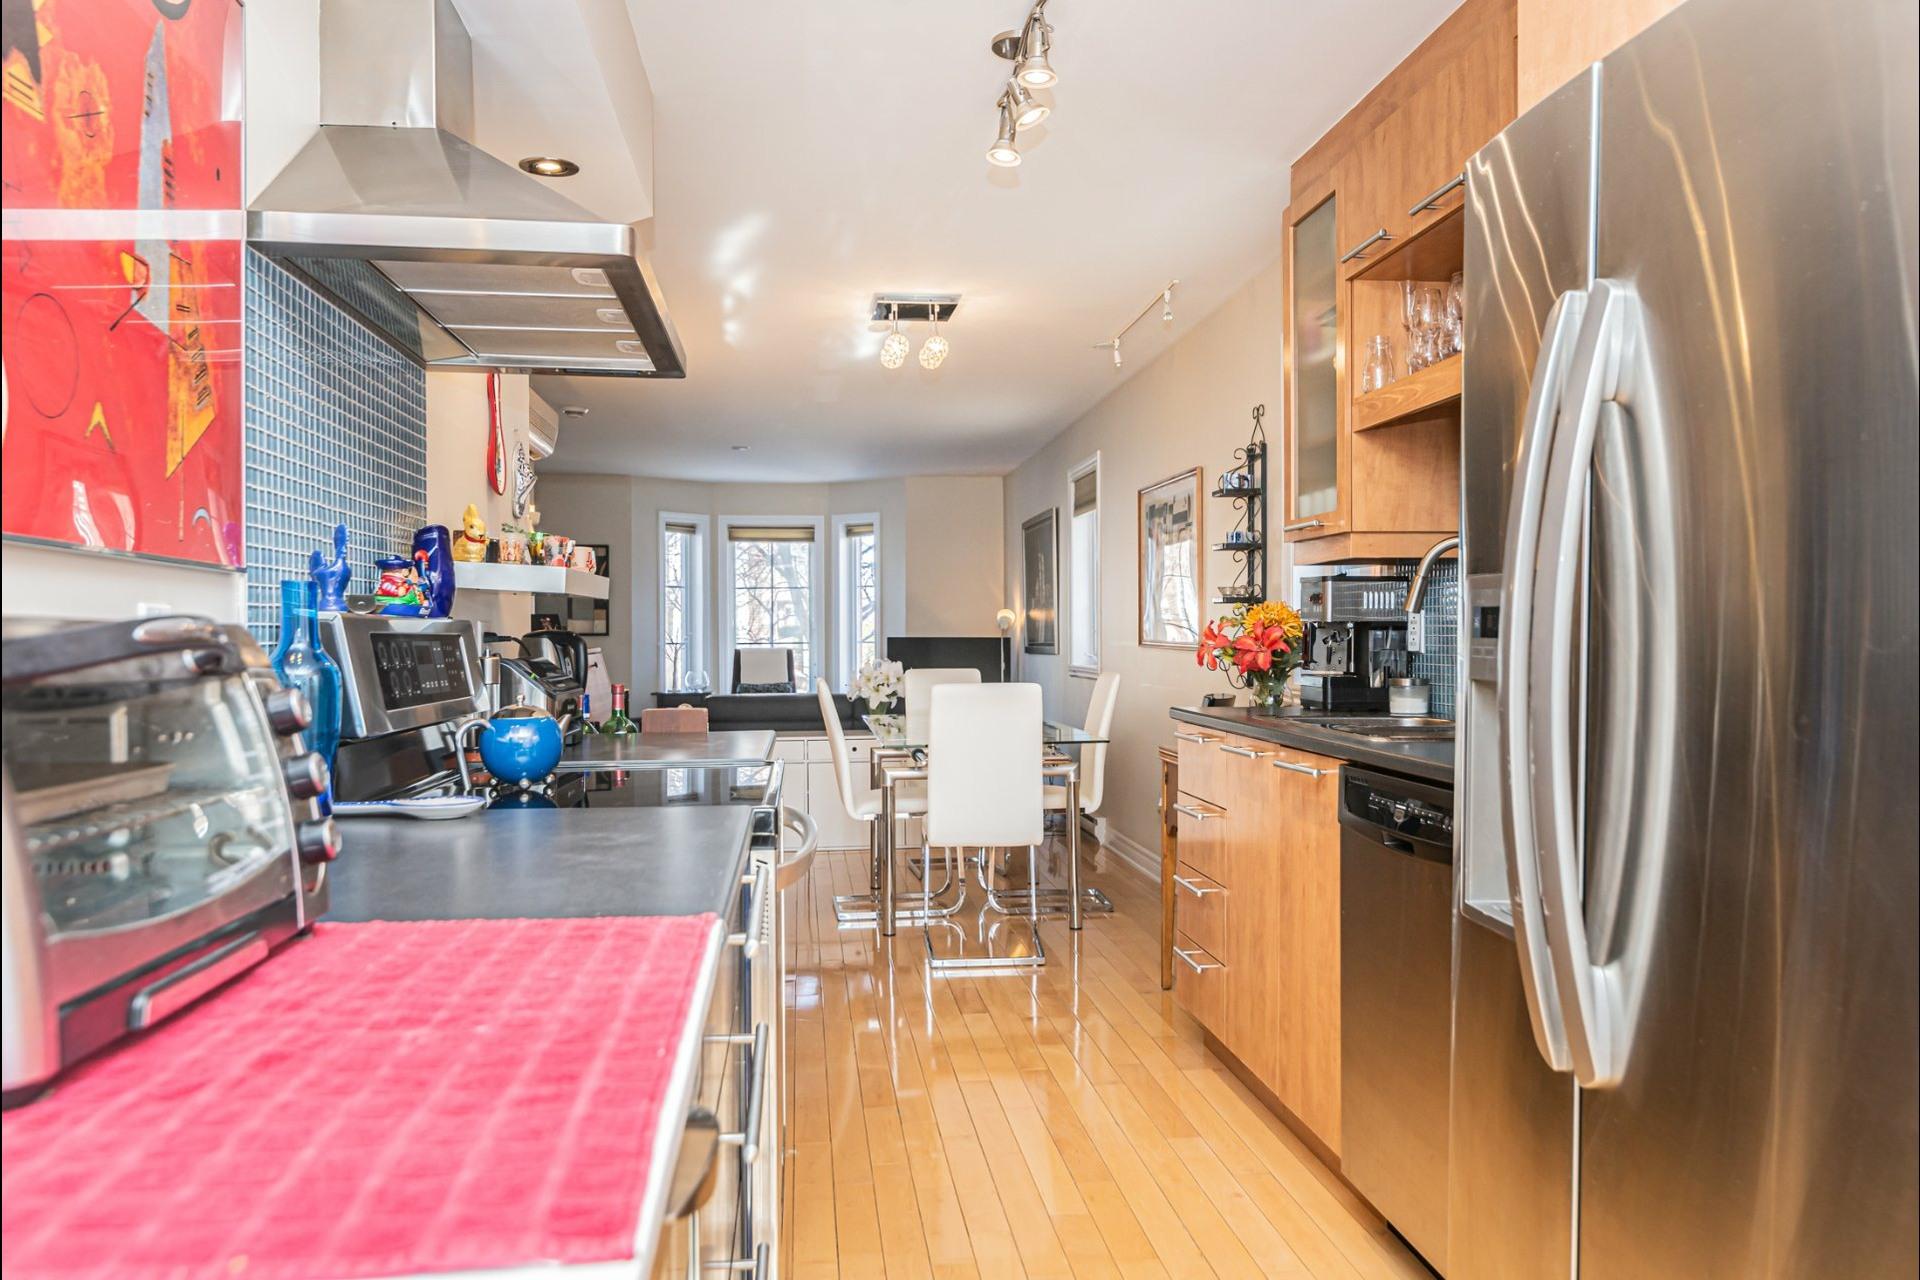 image 8 - 公寓 出售 Saint-Laurent Montréal  - 4 室